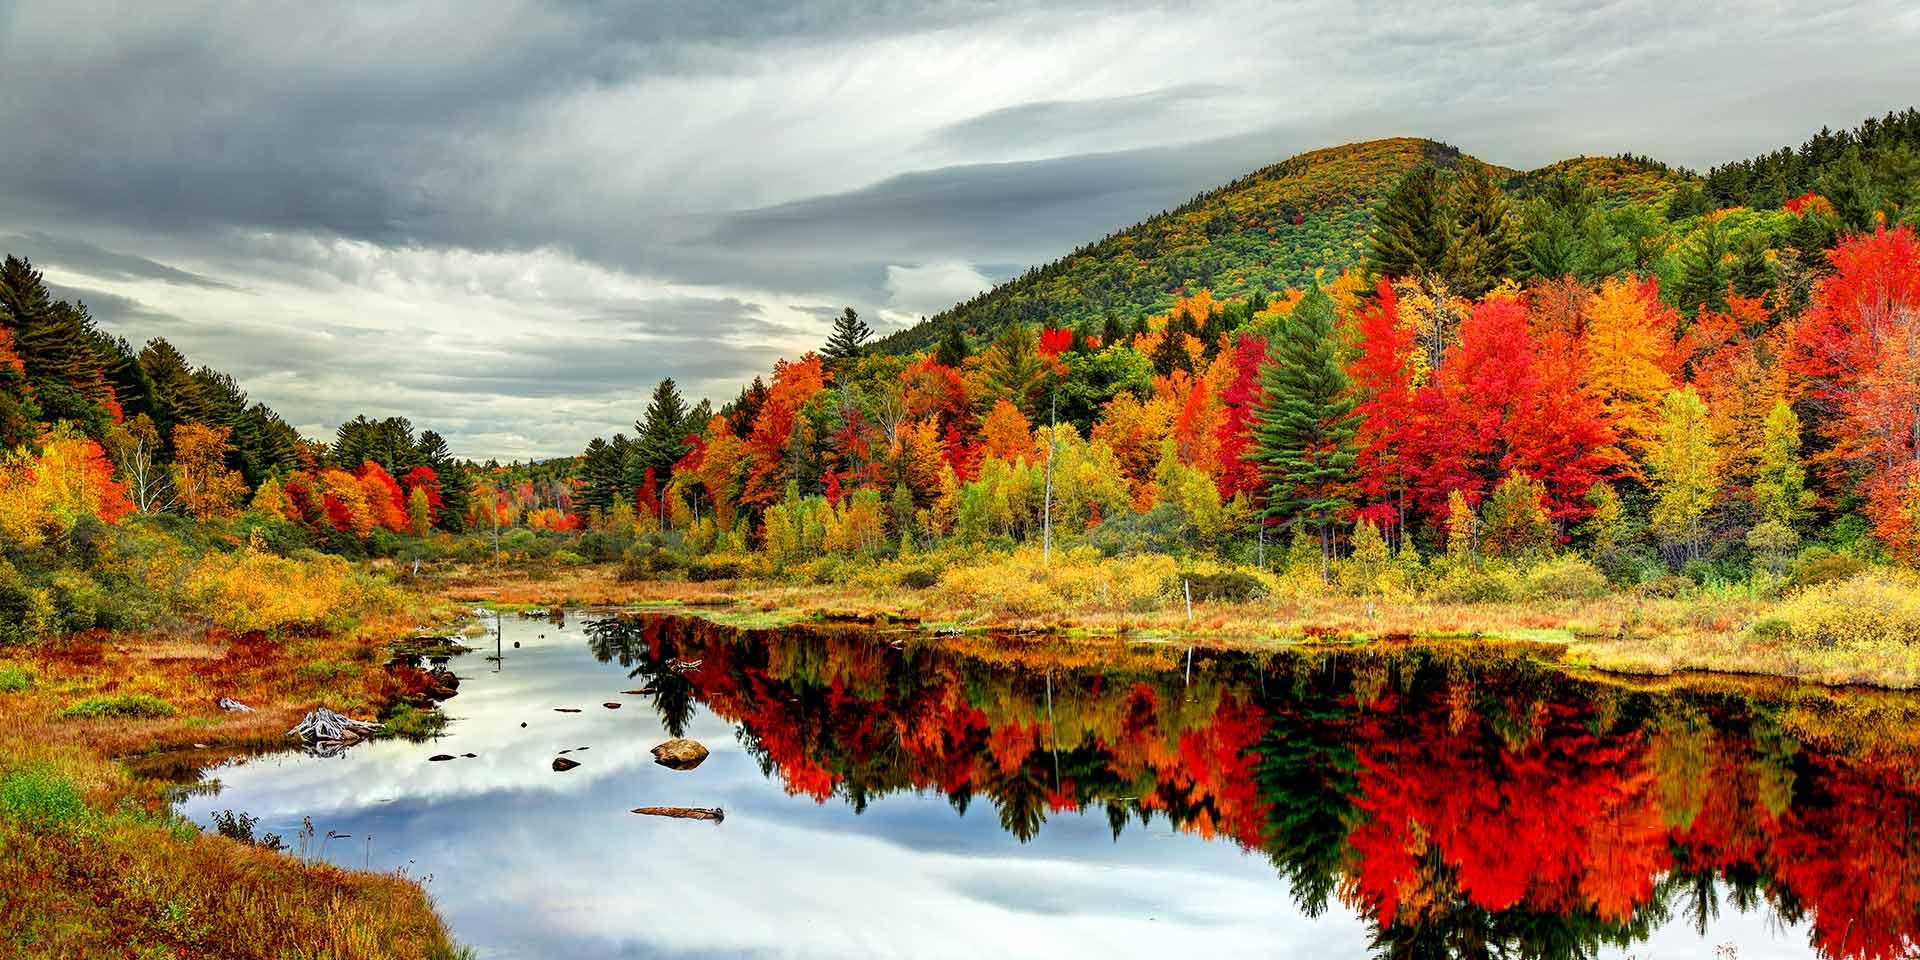 Mùa thu lá vàng ngả màu thơ mộng